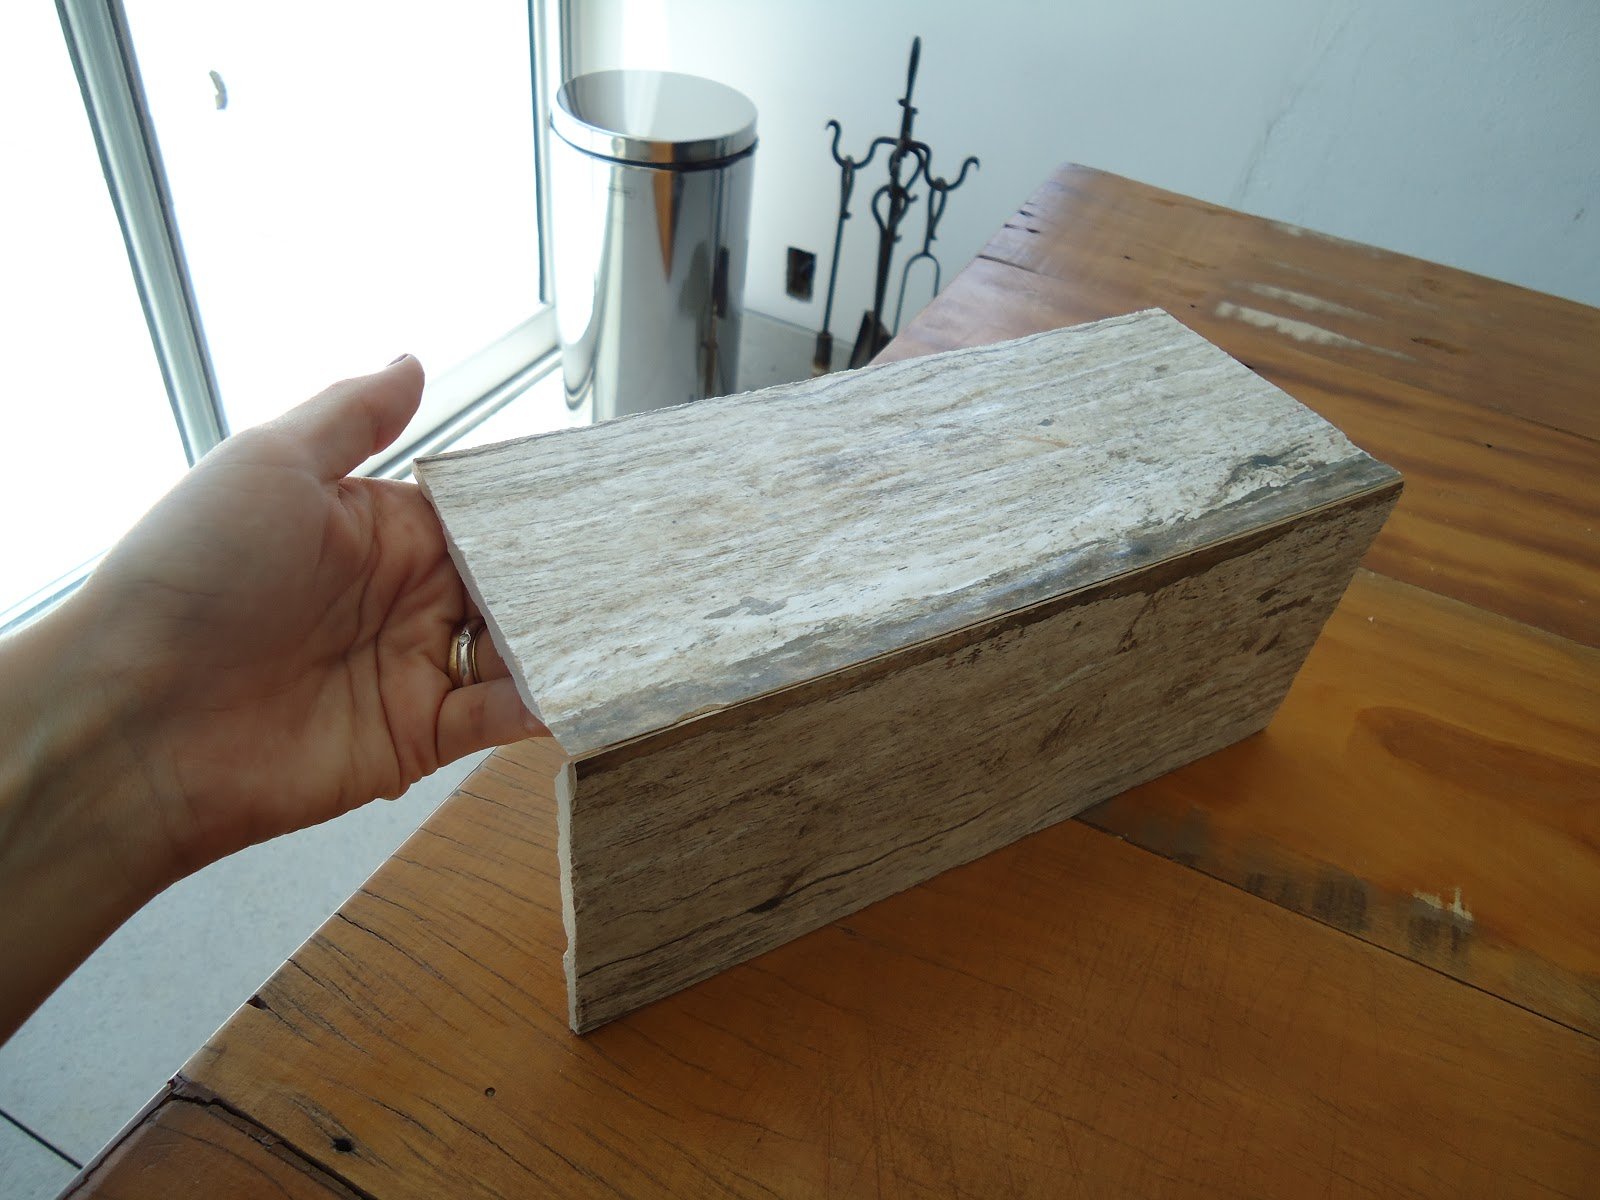 Como se começa uma FAMÍLIA: Montagem da bancada de porcelanato #644020 1600x1200 Banheiro Com Bancada De Porcelanato